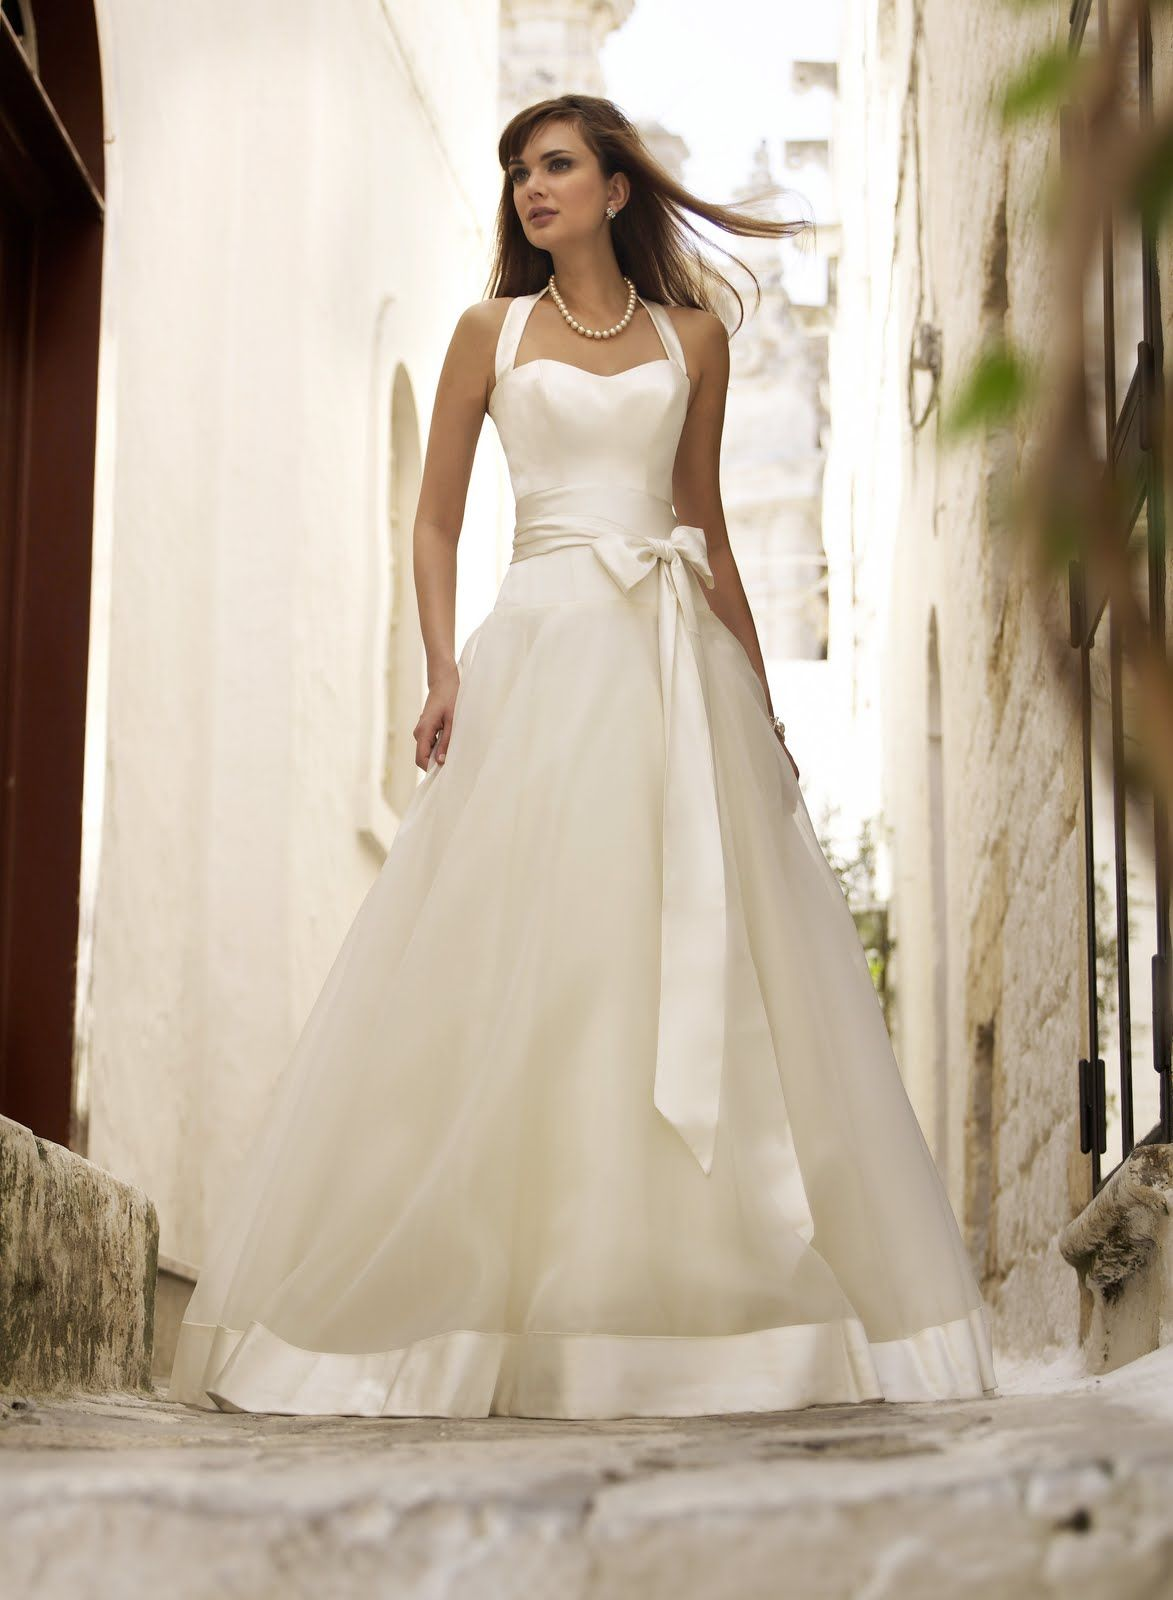 Stephanie Allin | fashion | Pinterest | Hochzeitskleider und Brautkleid